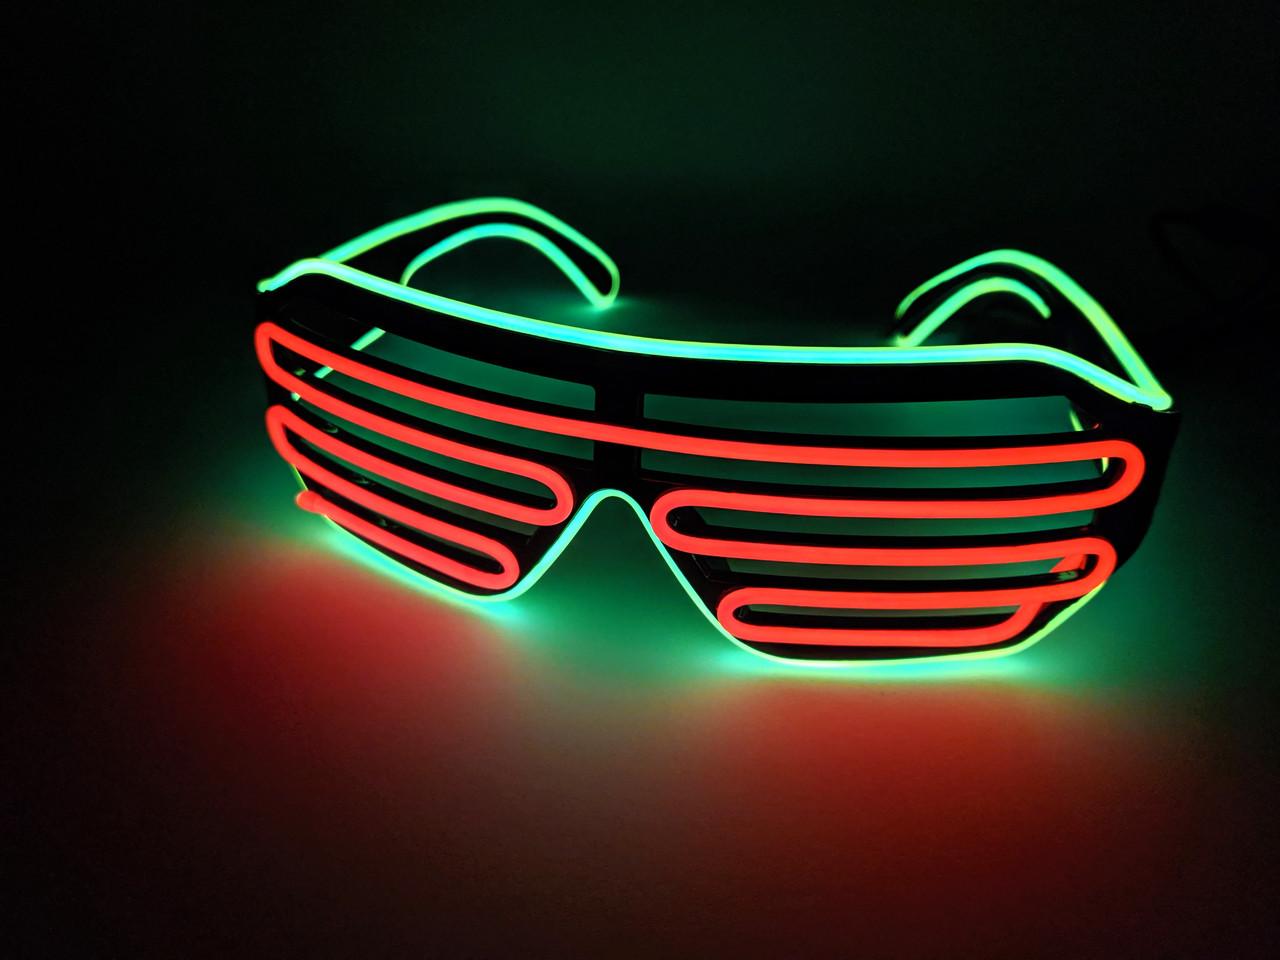 Светодиодые окуляри світяться в темряві зелений помаранчевий